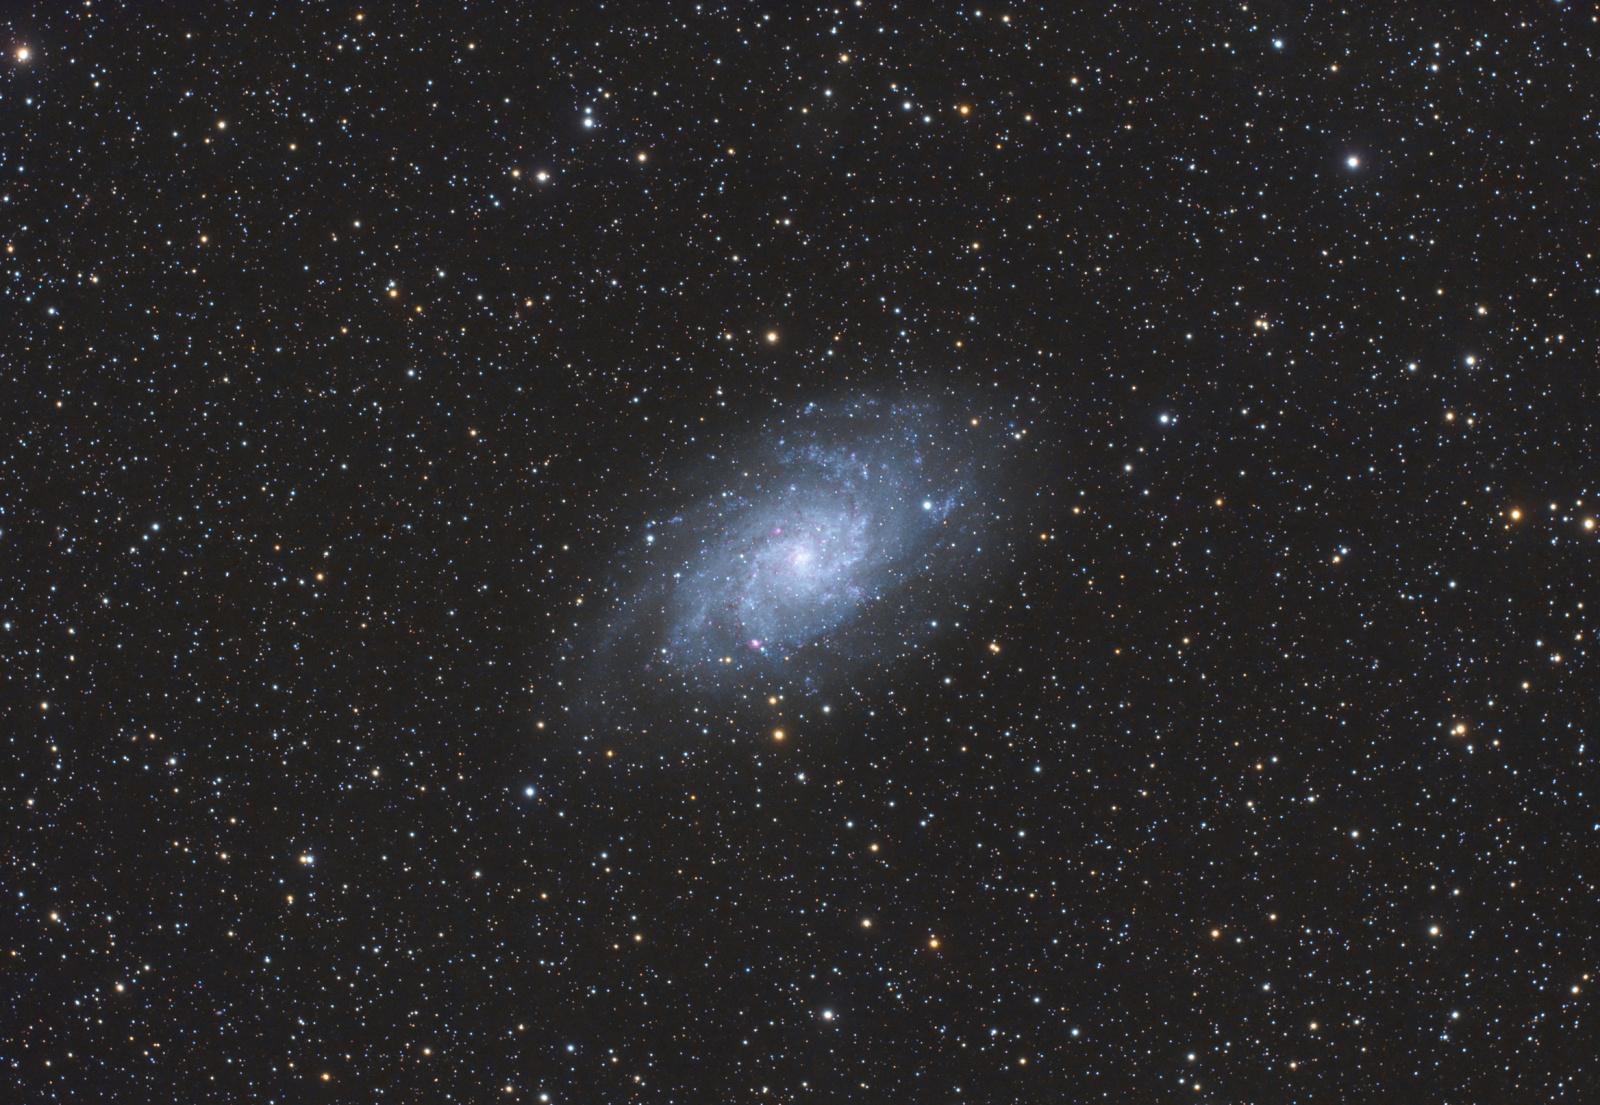 M33-RGB.thumb.jpg.83447ab5081e28eba0e88b7b5b0ac888.jpg